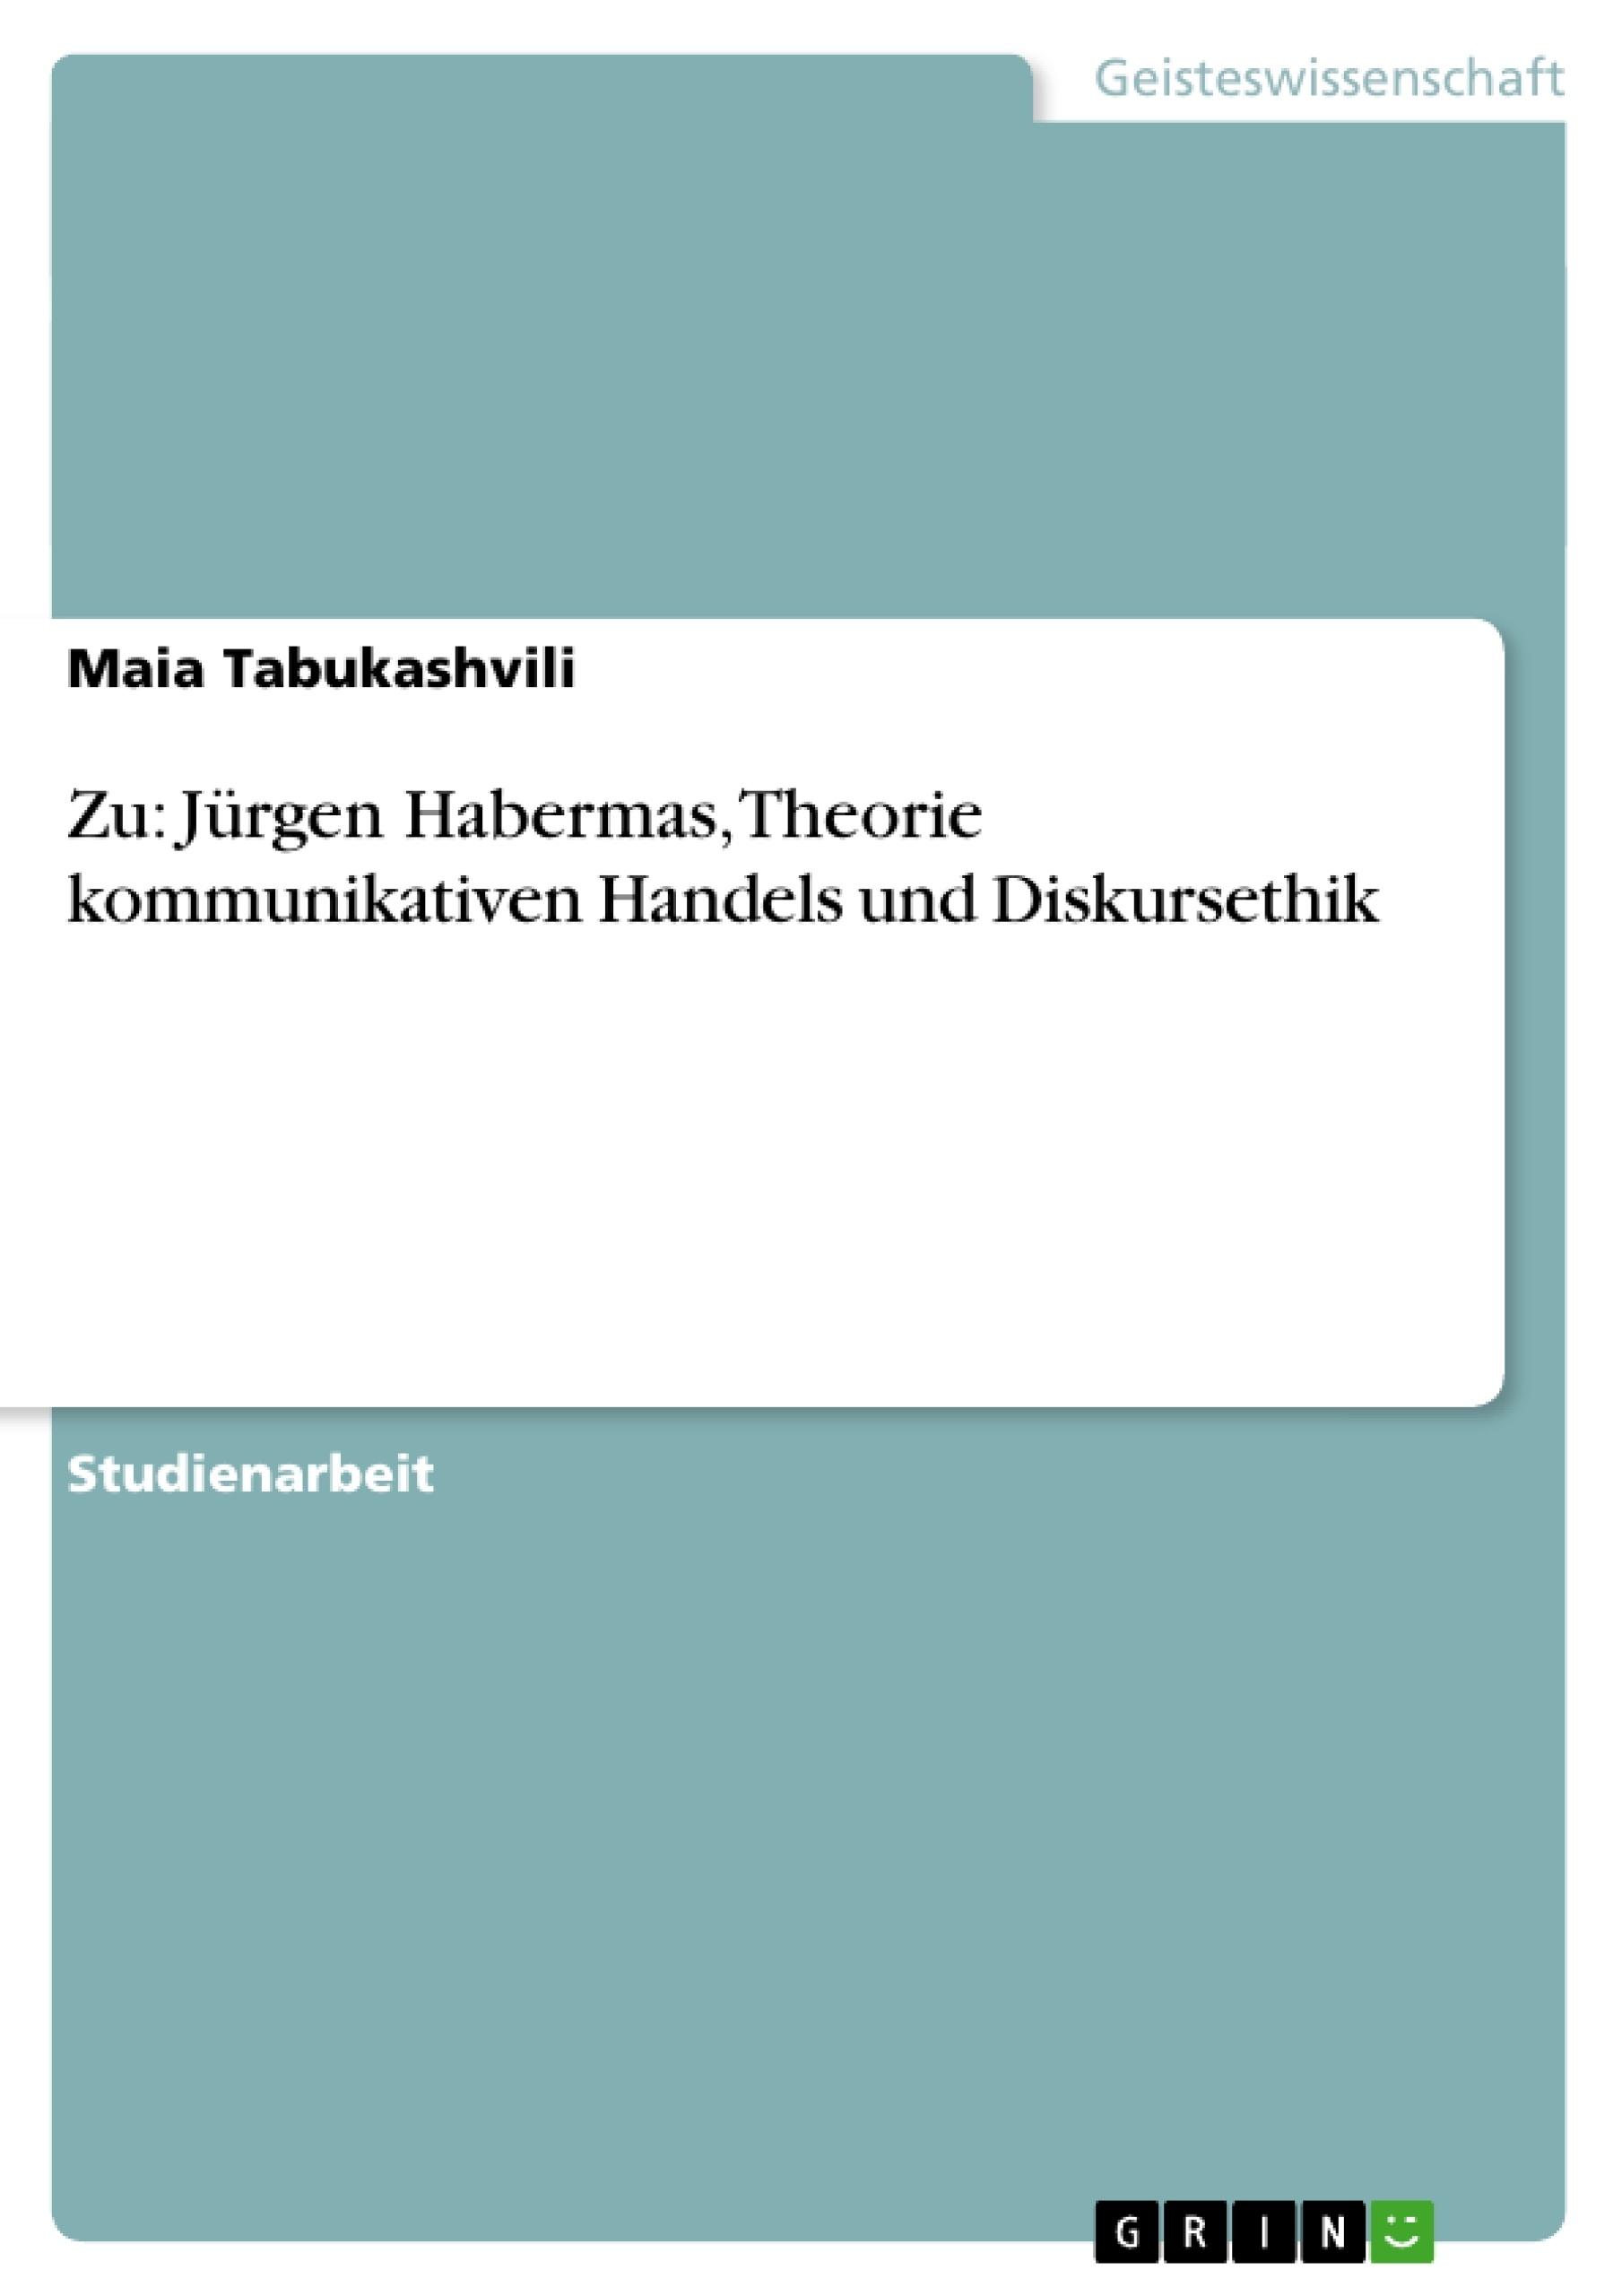 Titel: Zu: Jürgen Habermas, Theorie kommunikativen Handels und Diskursethik